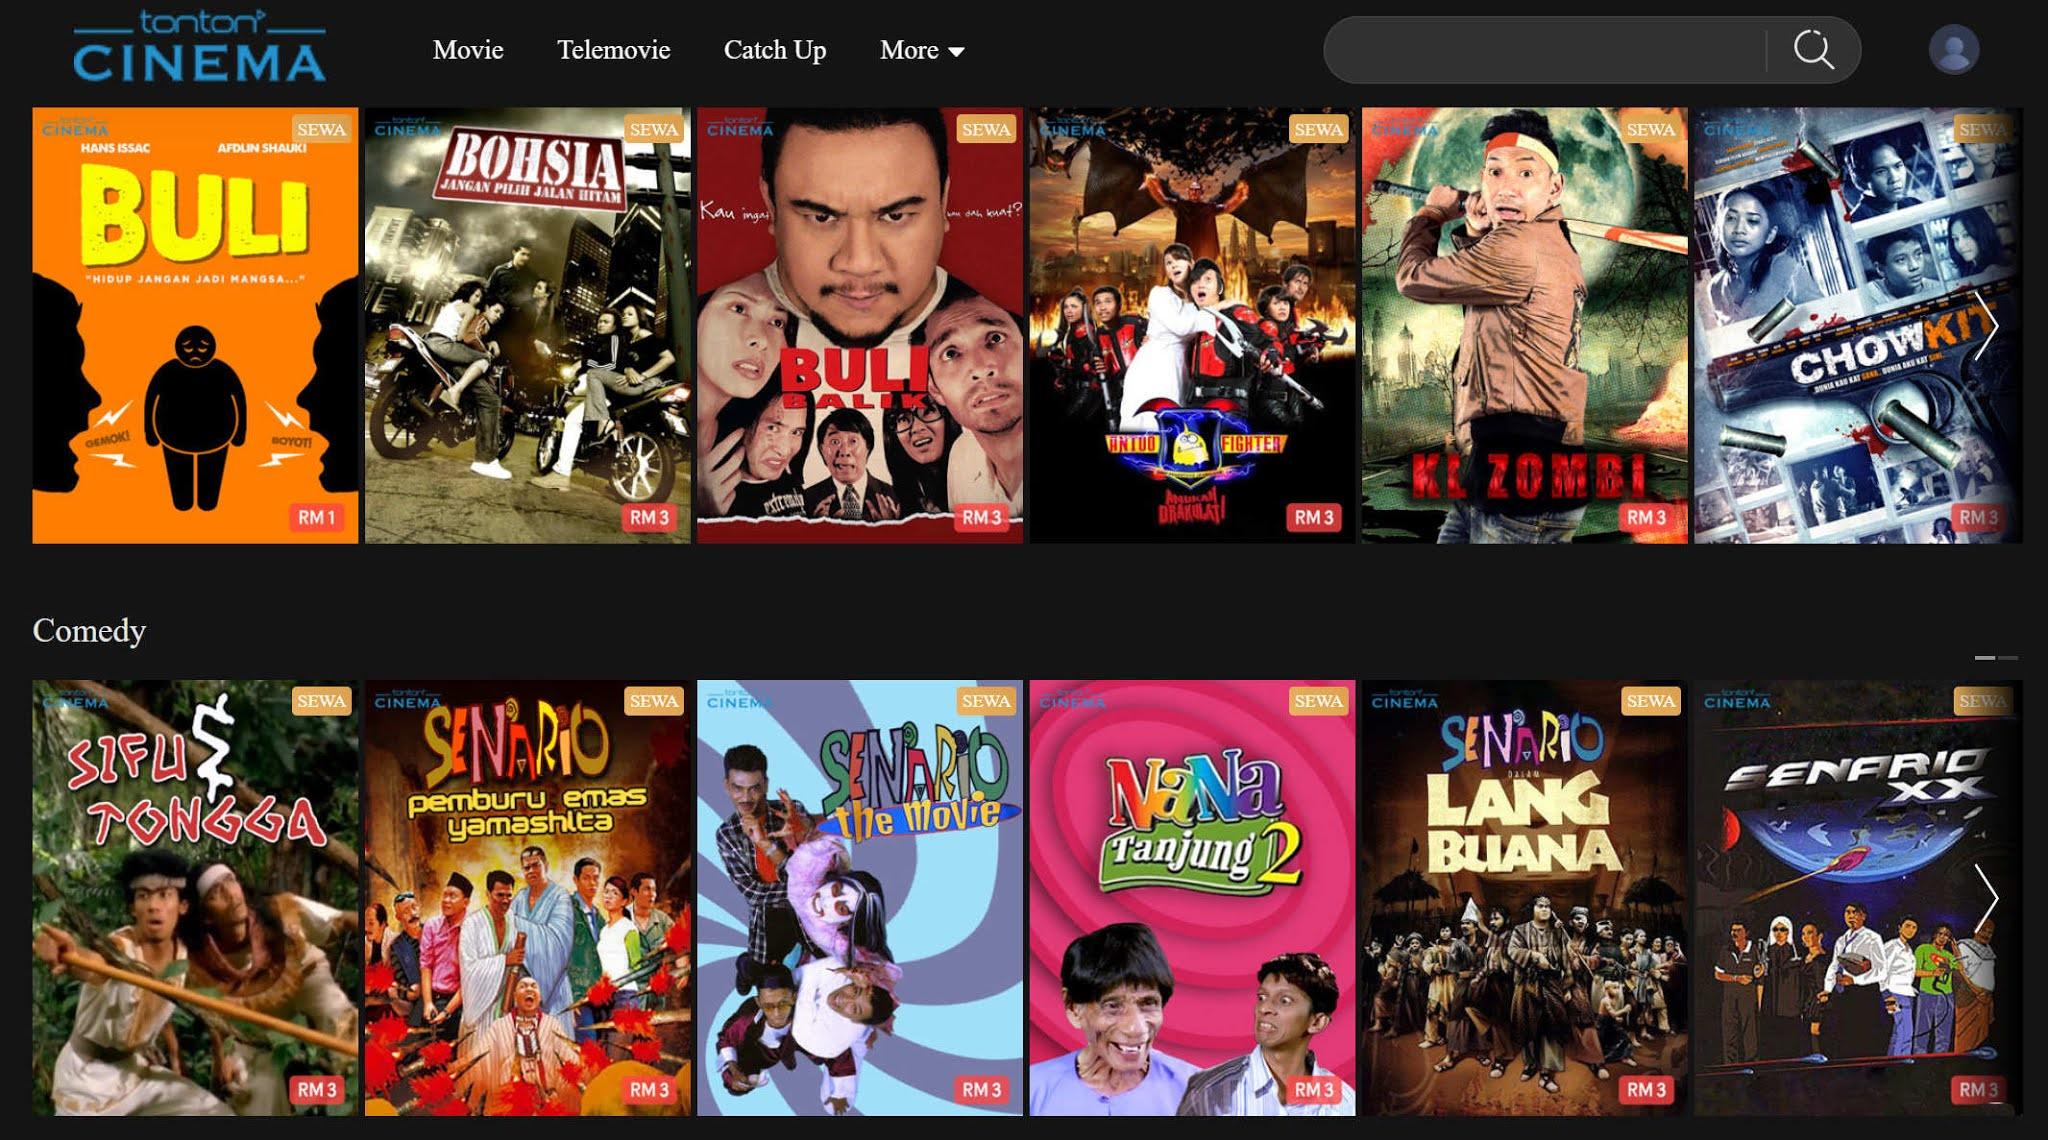 Promosi Terhad Serendah RM1 Untuk Sewa Filem Di Tonton Cinema